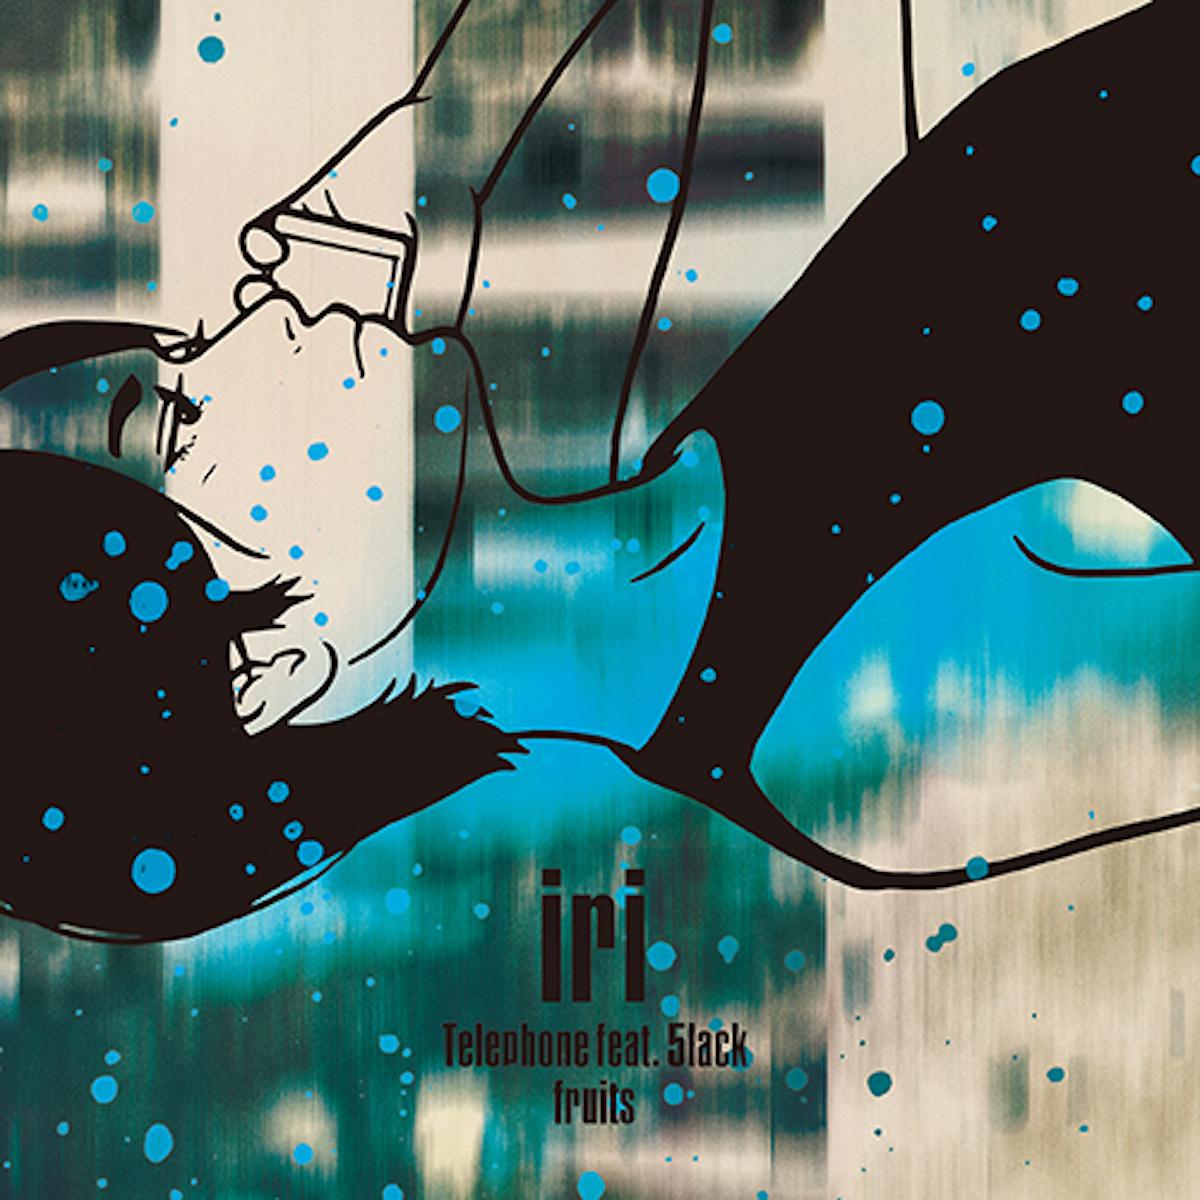 iriが待望の初アナログ盤を5lackとの共演曲でリリース!ジャケットはKYNEが手がけ好評だったEP「life ep」を7インチにリメイク! music180307-iri-1